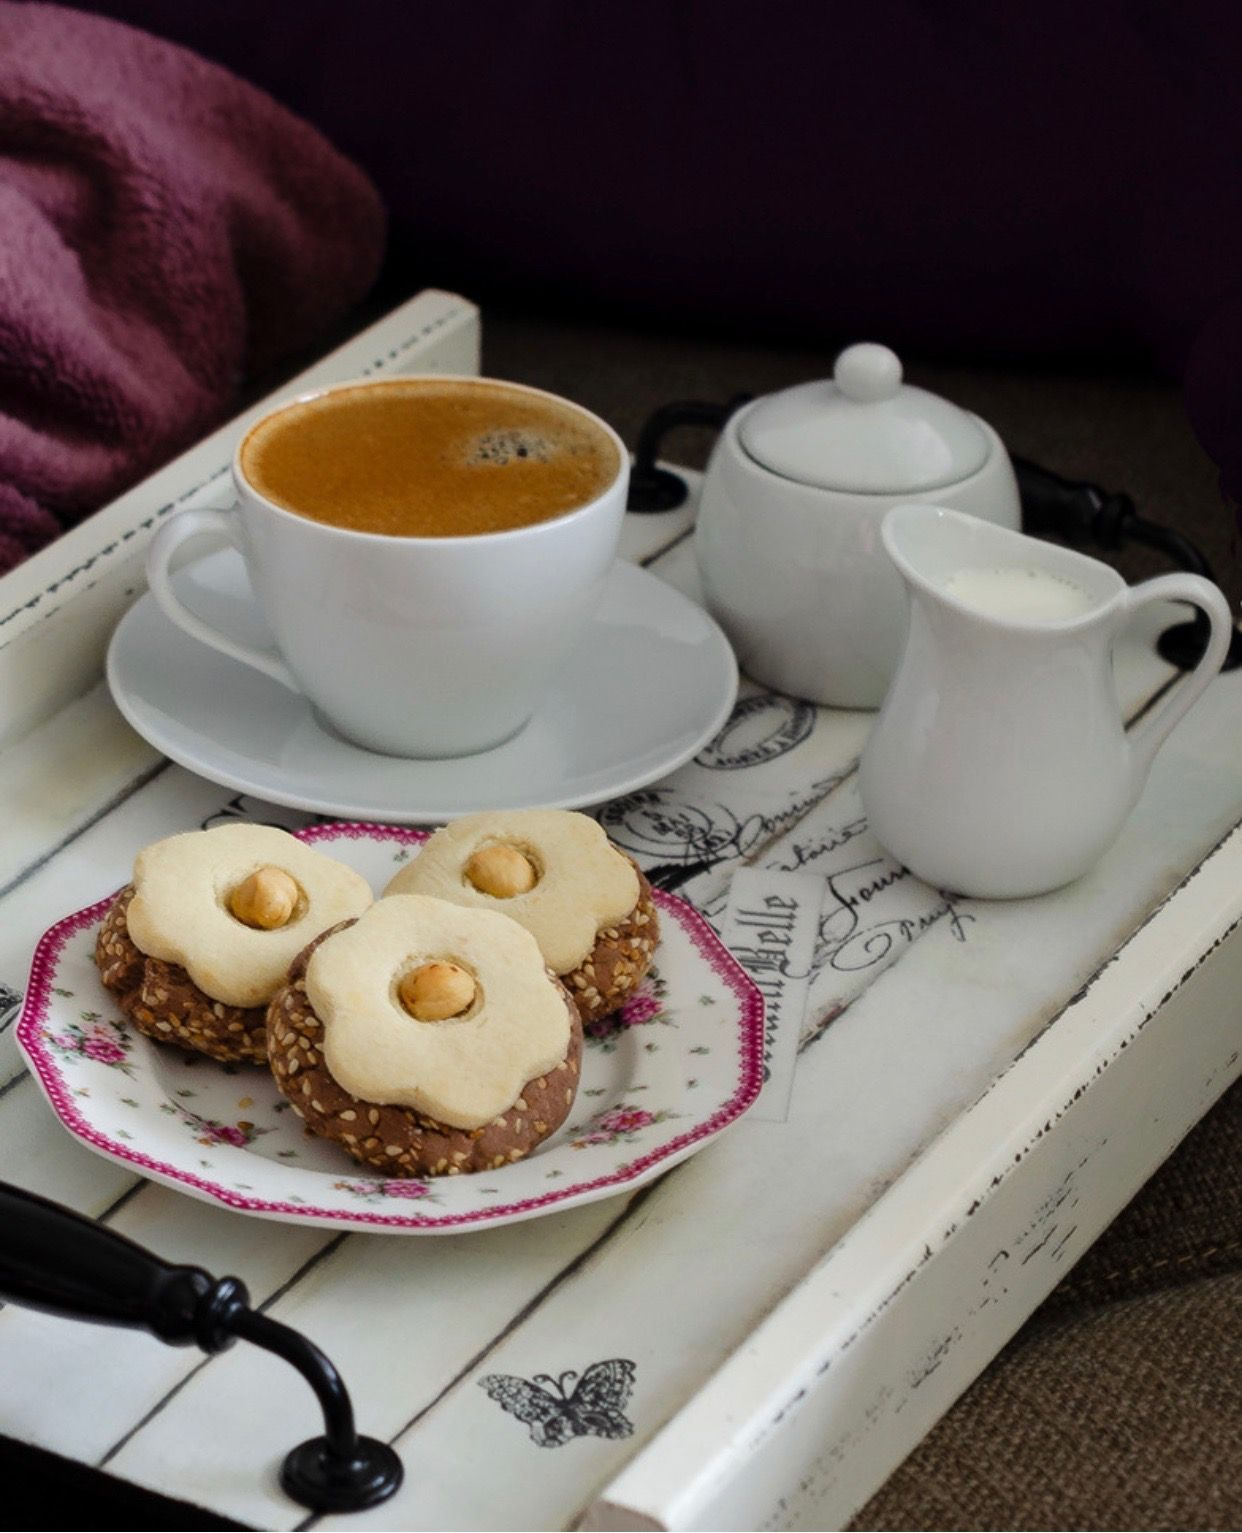 производство картинки с утренним кофе и чаем такой модификации